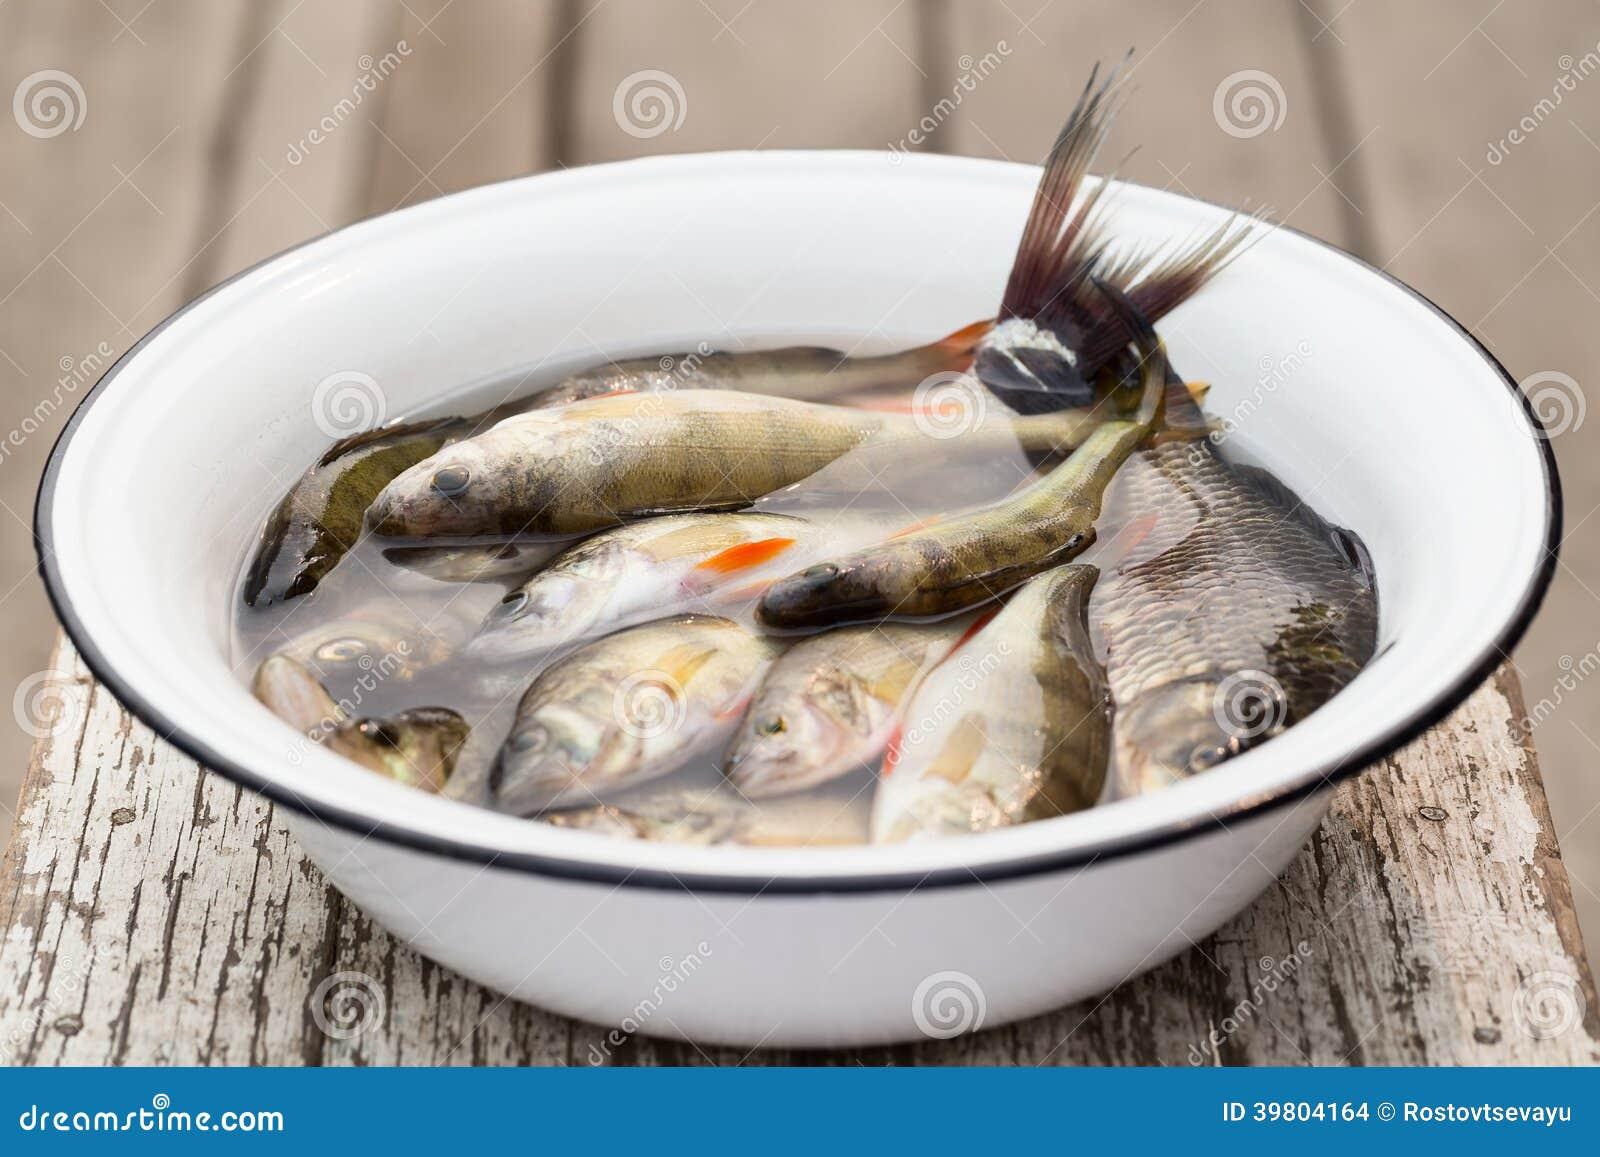 Poissons De Rivi Re Dans Un Bassin Blanc Avec De L 39 Eau Photo Stock Image 39804164